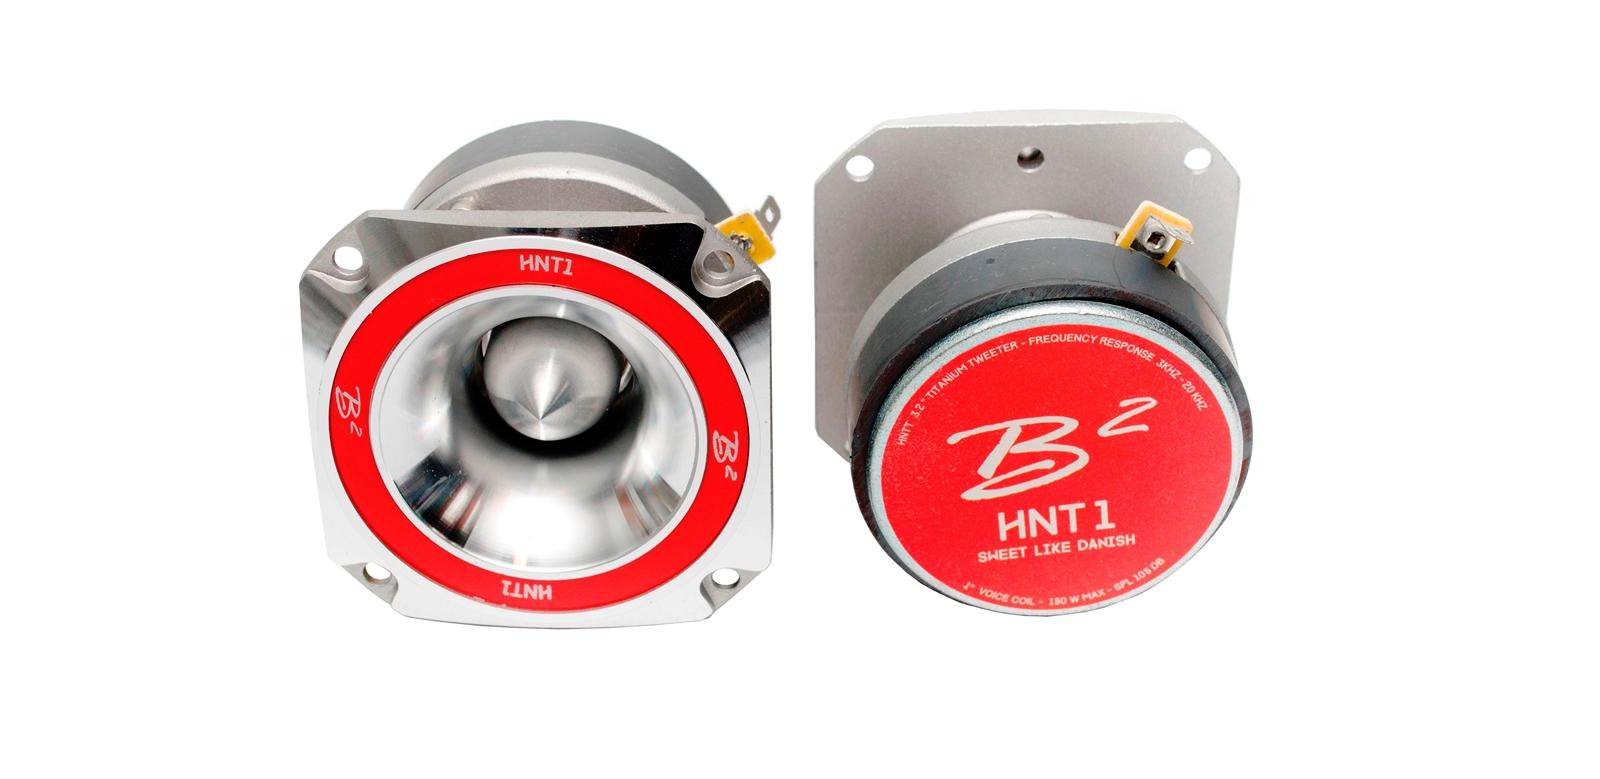 B2 HNT1